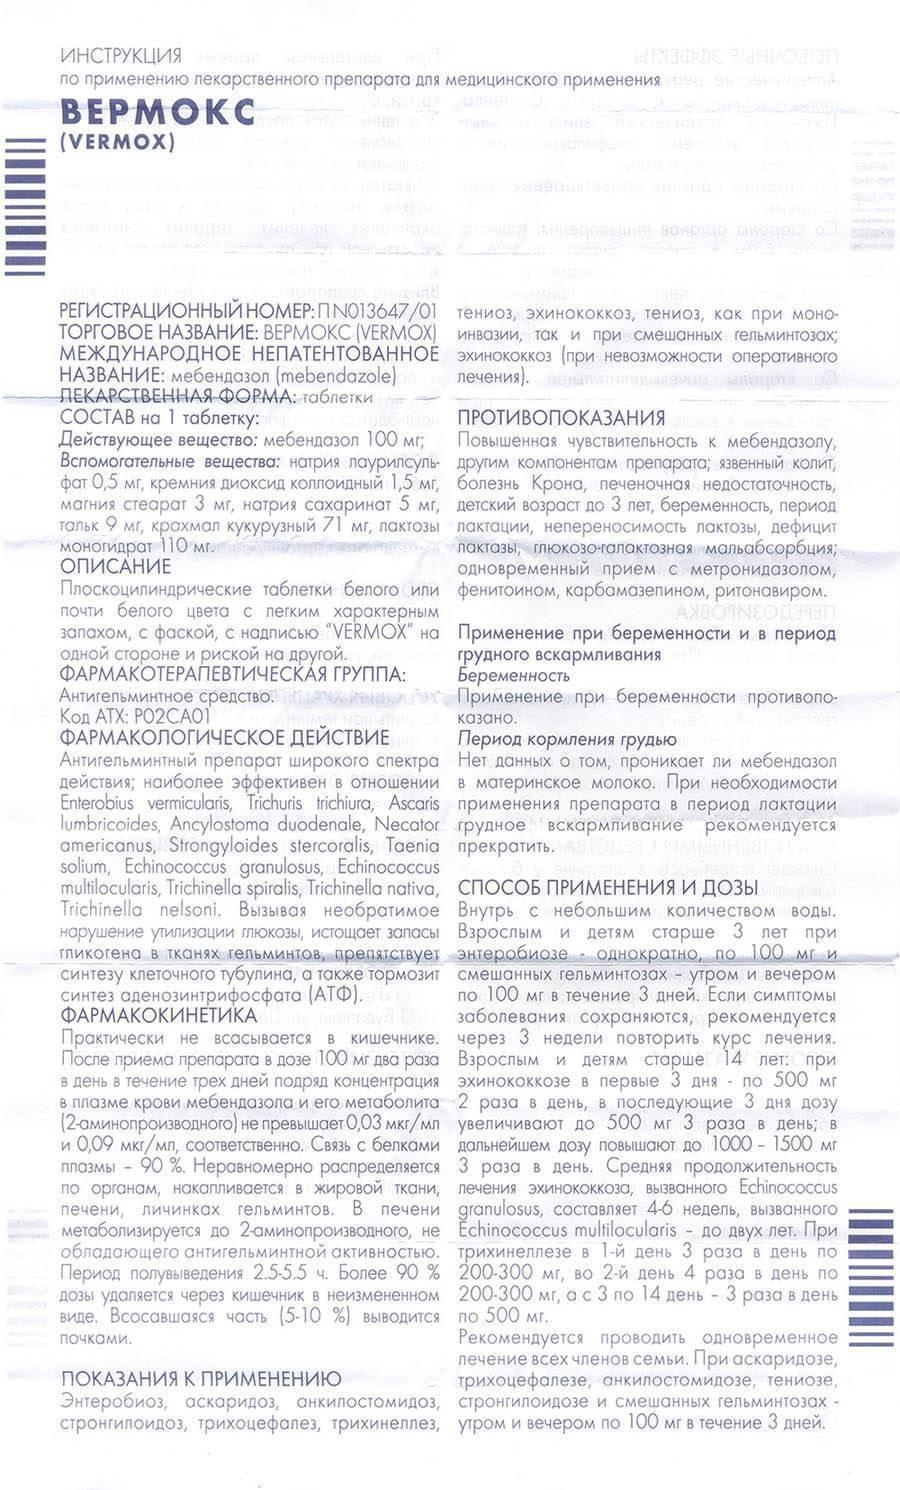 Декарис: отзывы паразитологов